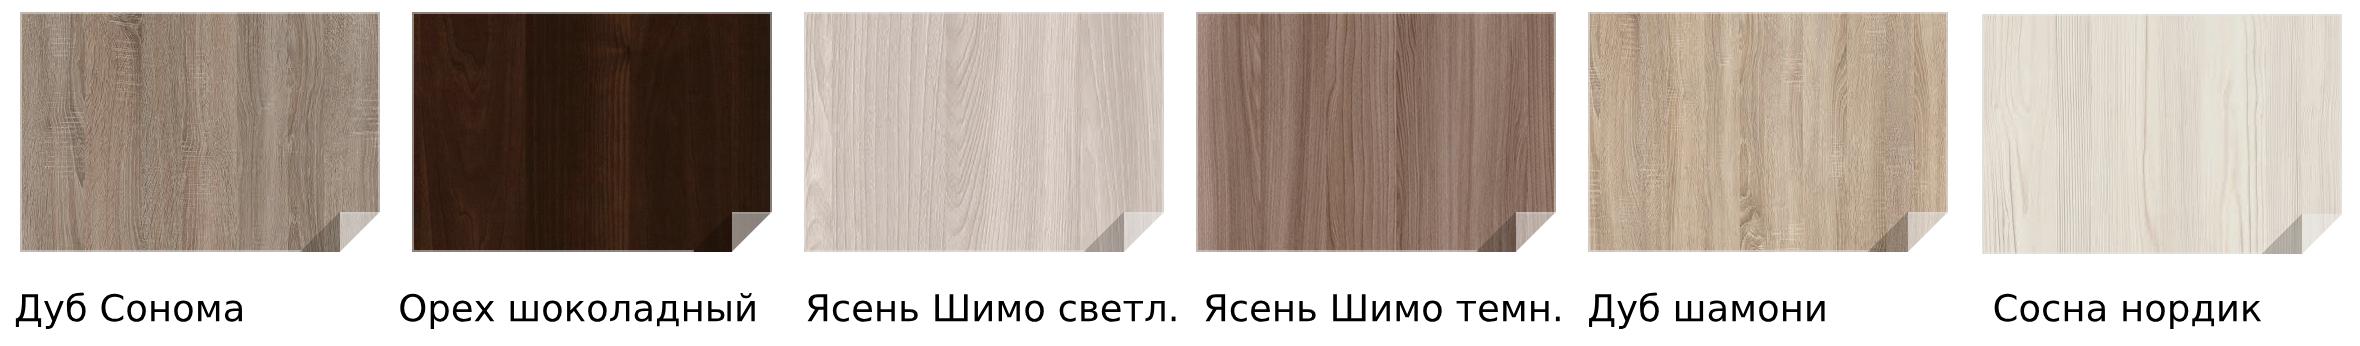 Материалы и цвета изготовления мебели для категории номеров Эконом